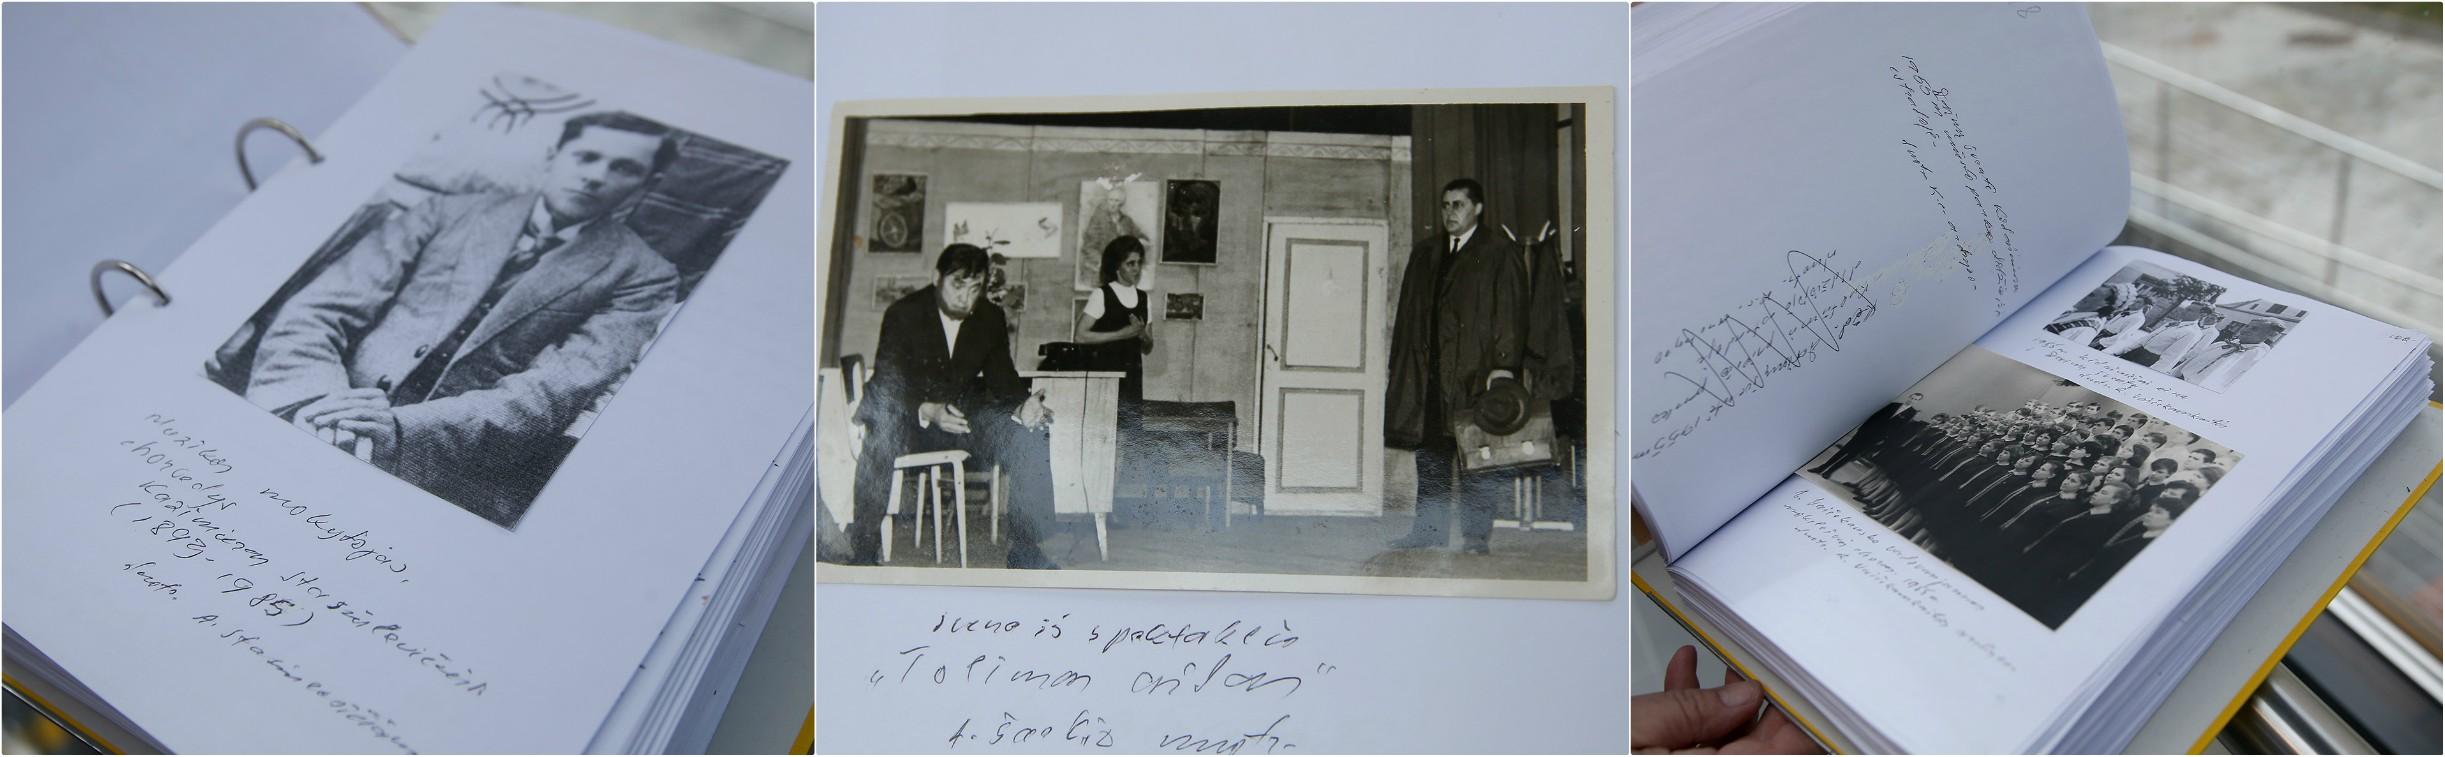 Jono Jucevičiaus parengtą rankraštį sudaro net 469-i ranka parašyti puslapiai. Algimanto Barzdžiaus nuotraukos